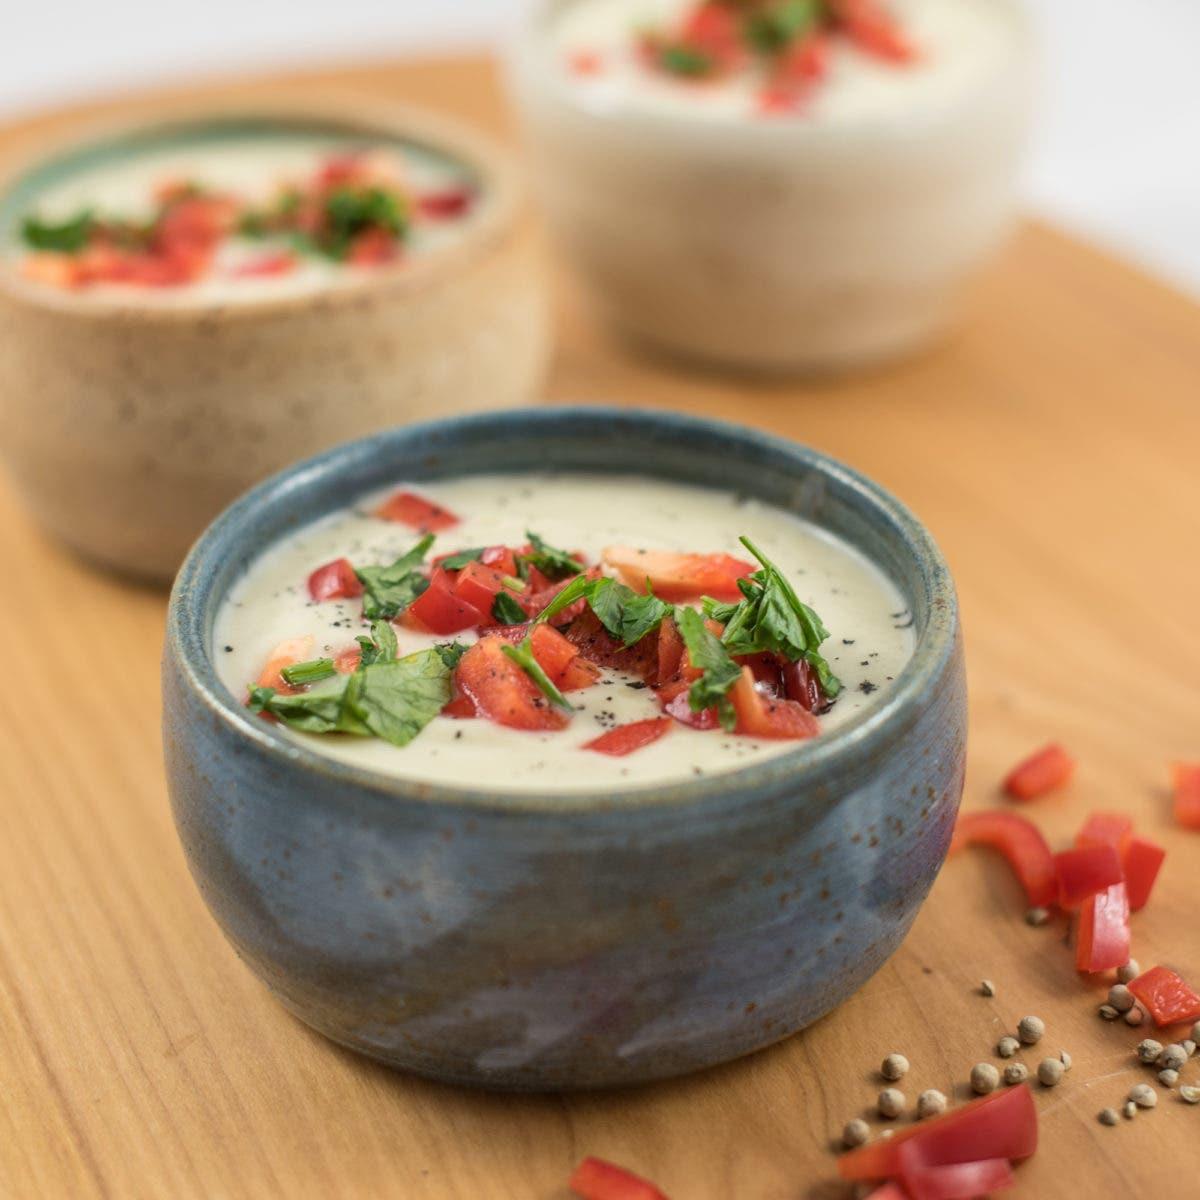 Nahaufnahme von gefüllter Suppenschüssel mit Cremesuppe und garniert mit Petersilie und roter Paprika